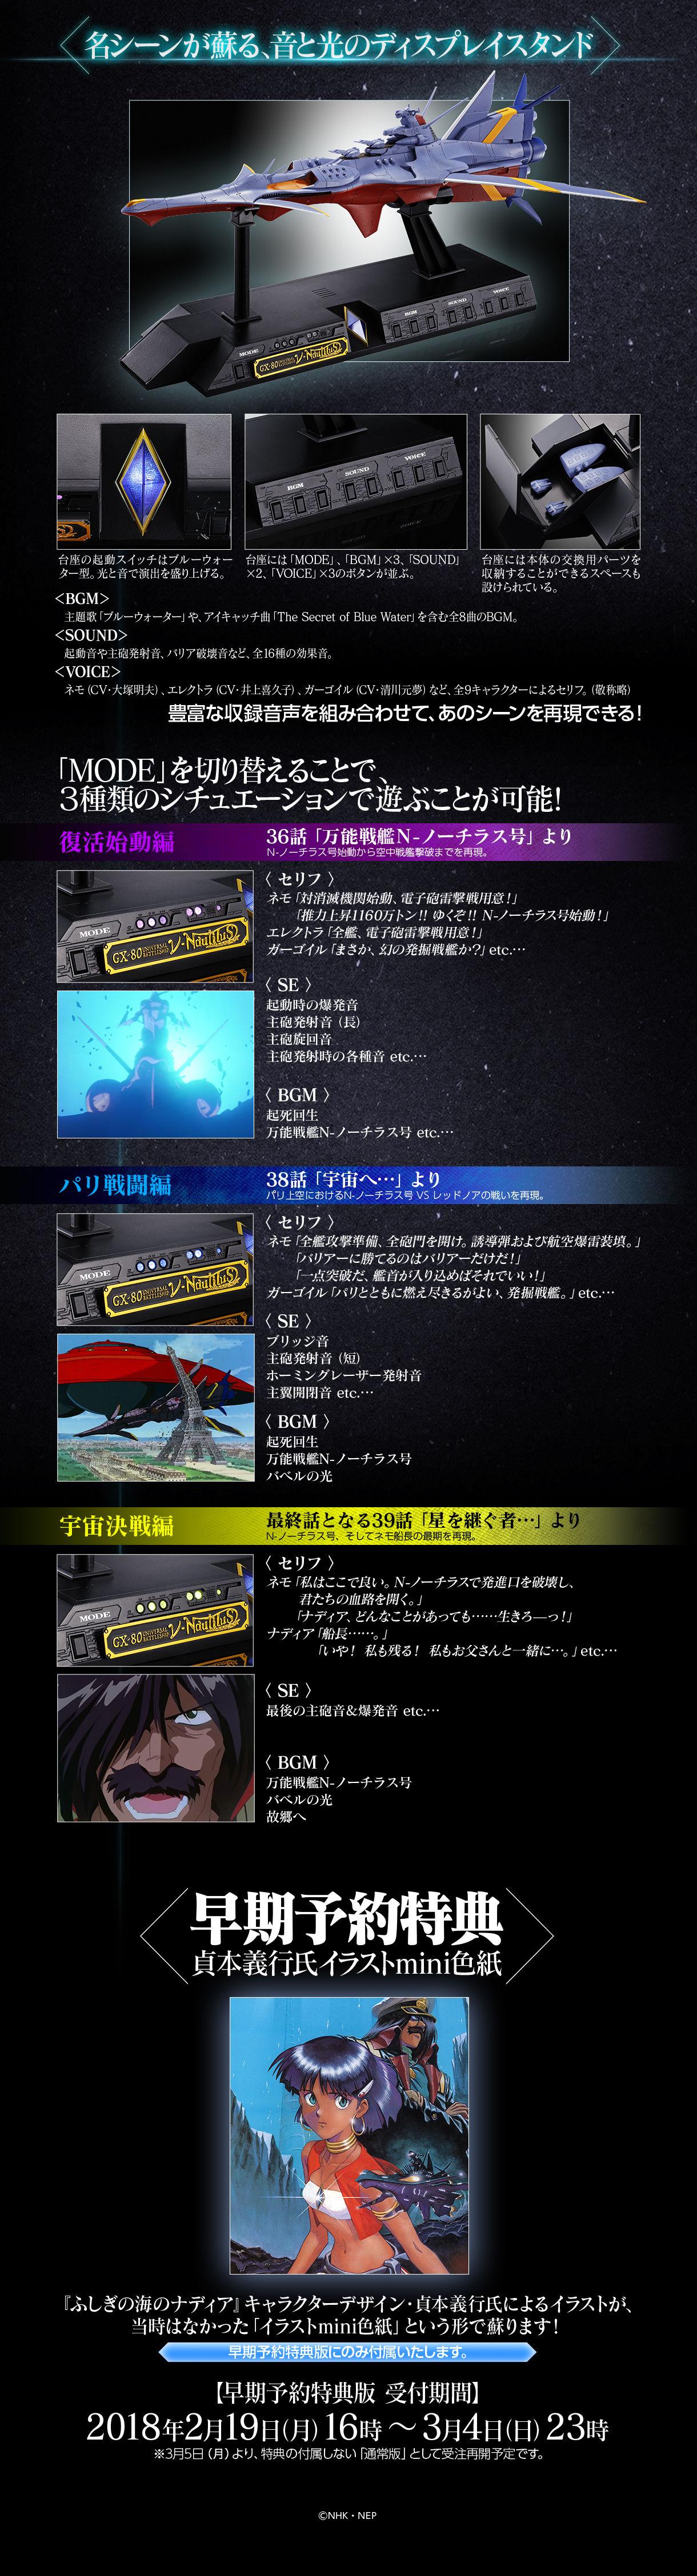 PeAOH2BjzMtLd - 【ふしぎの海のナディア】超合金魂 N-ノーチラス号キタ――(゚∀゚)――!!